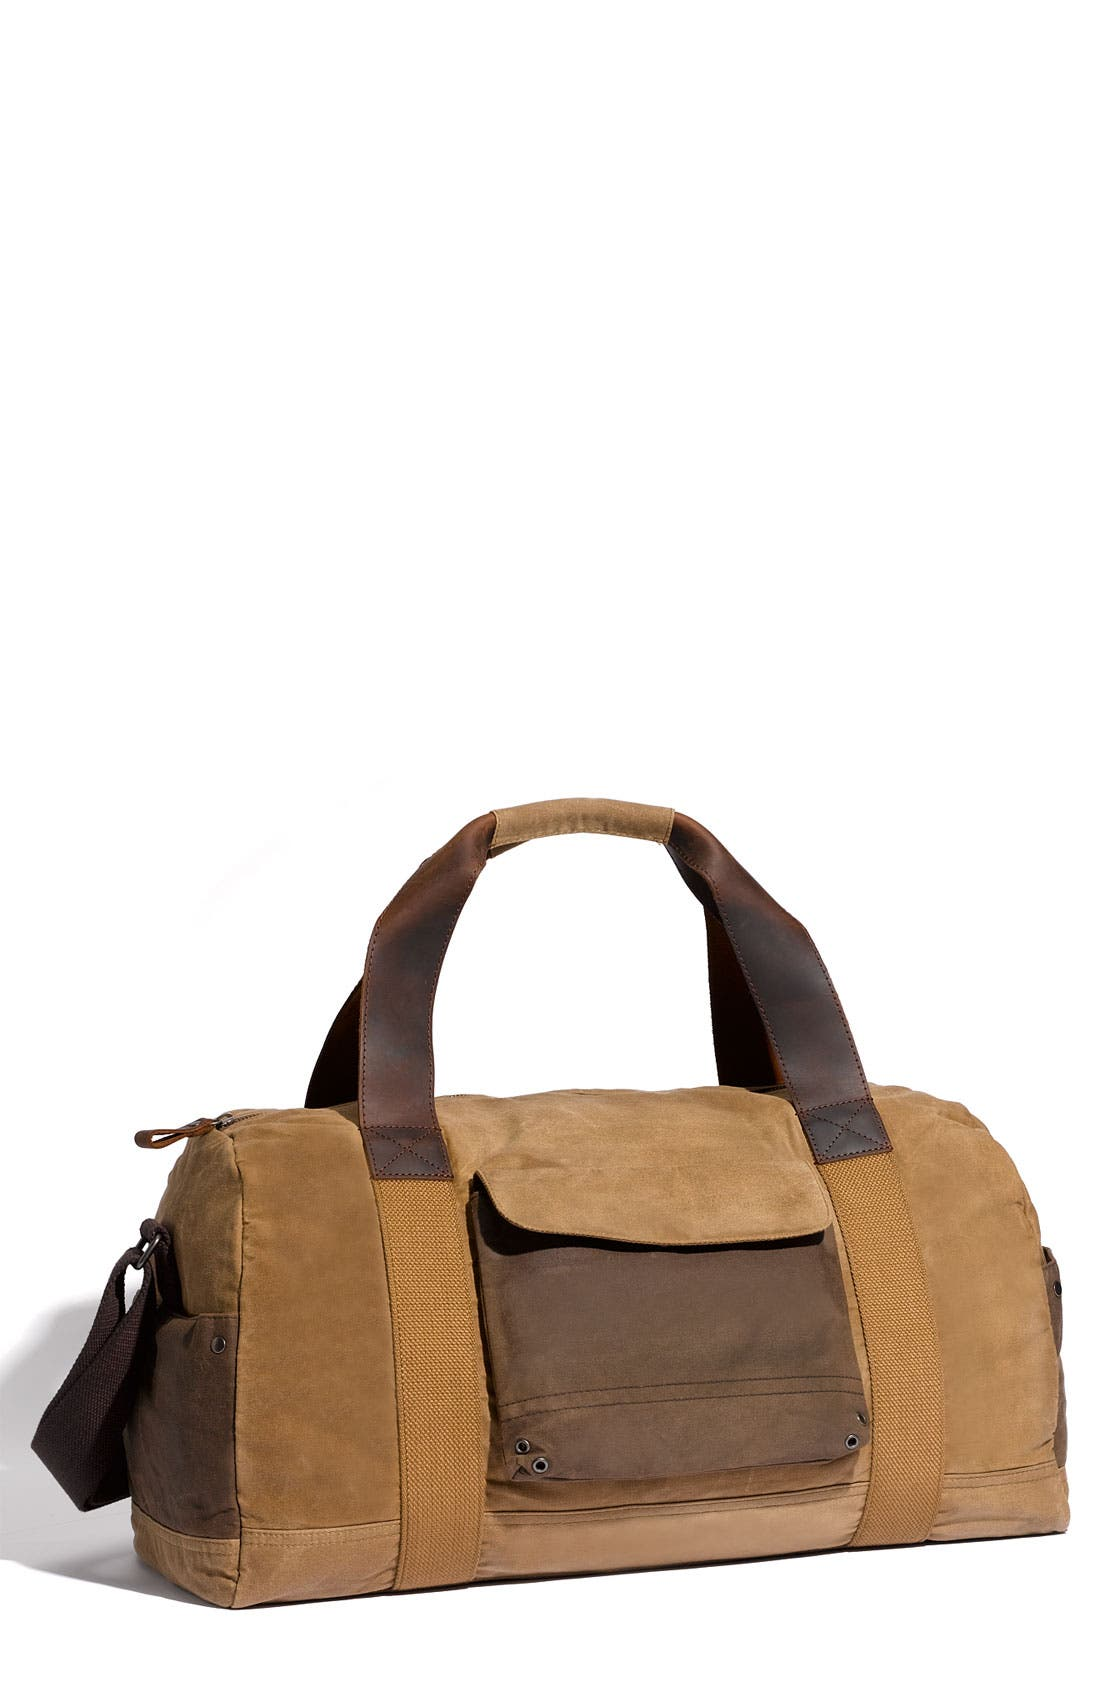 Main Image - Levi's® 'River Rock' Duffel Bag